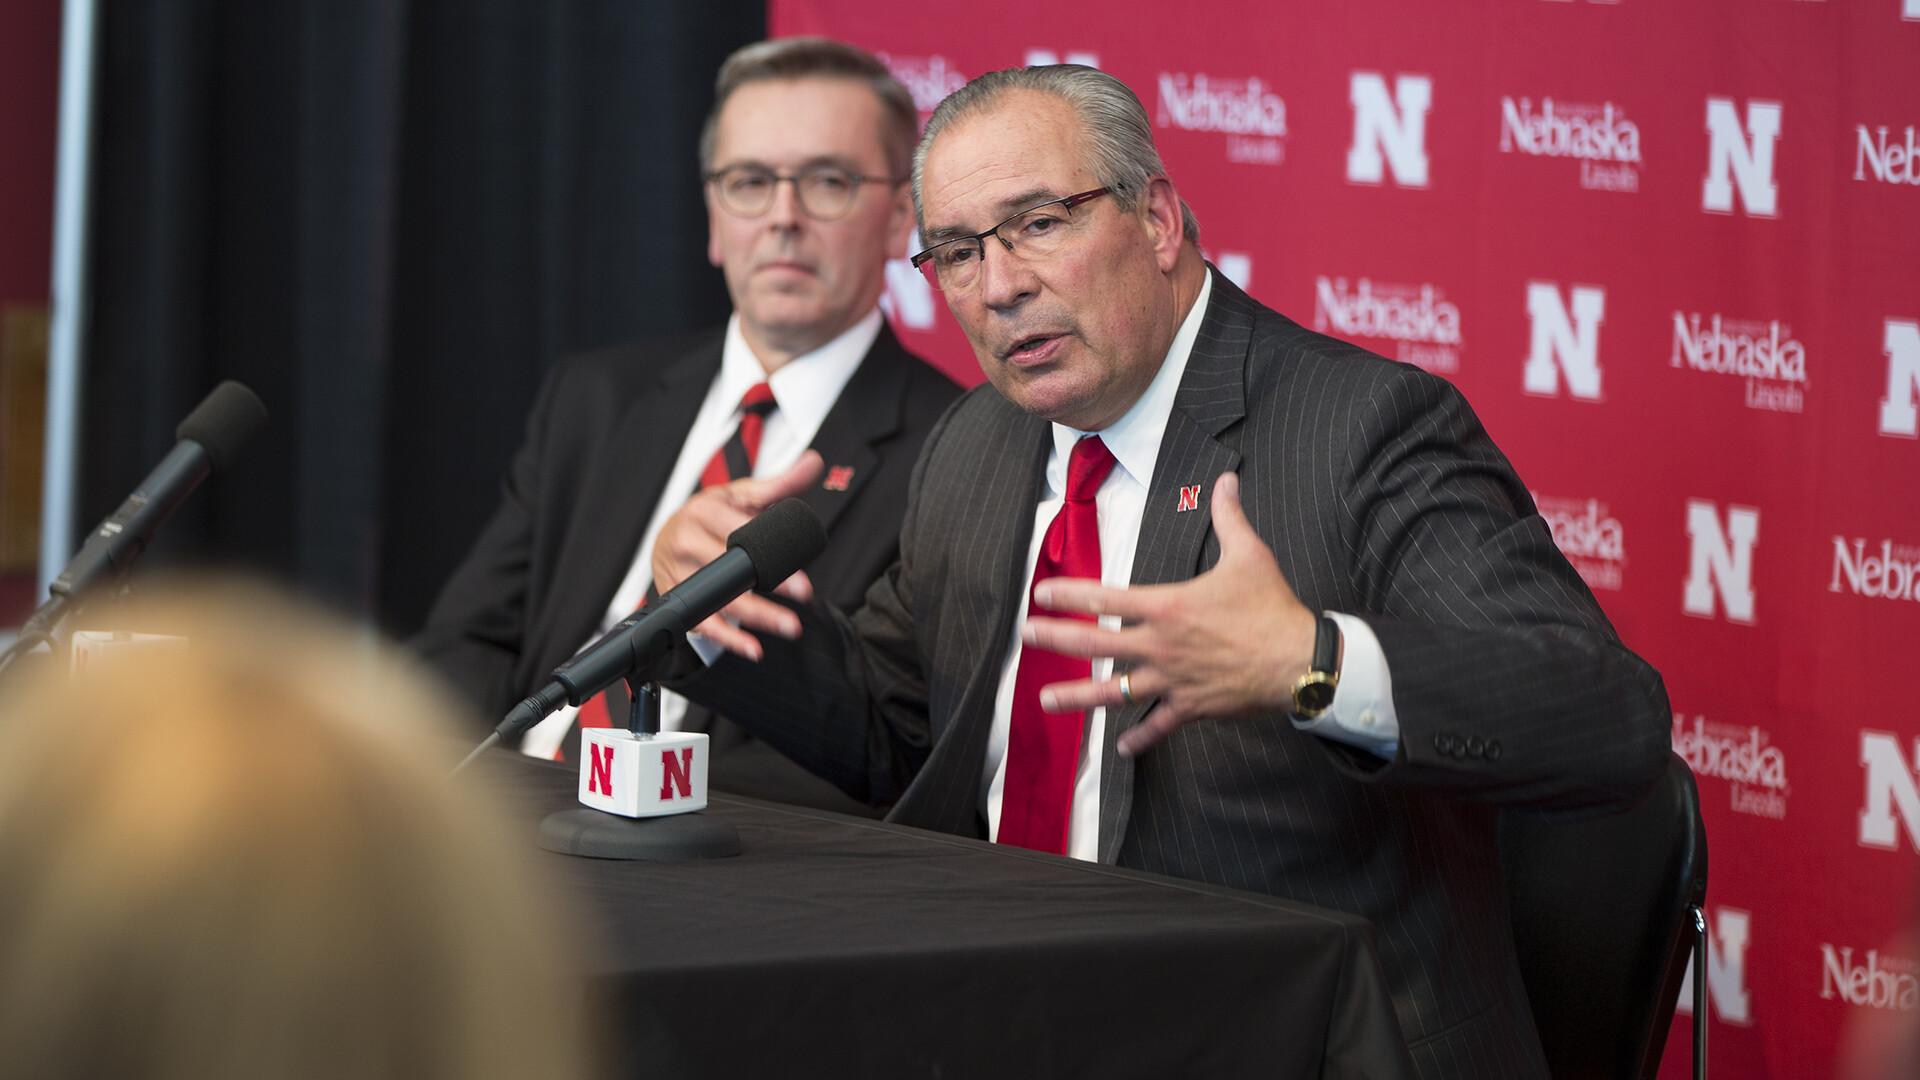 Program-builder Bill Moos is Nebraska's new director of athletics